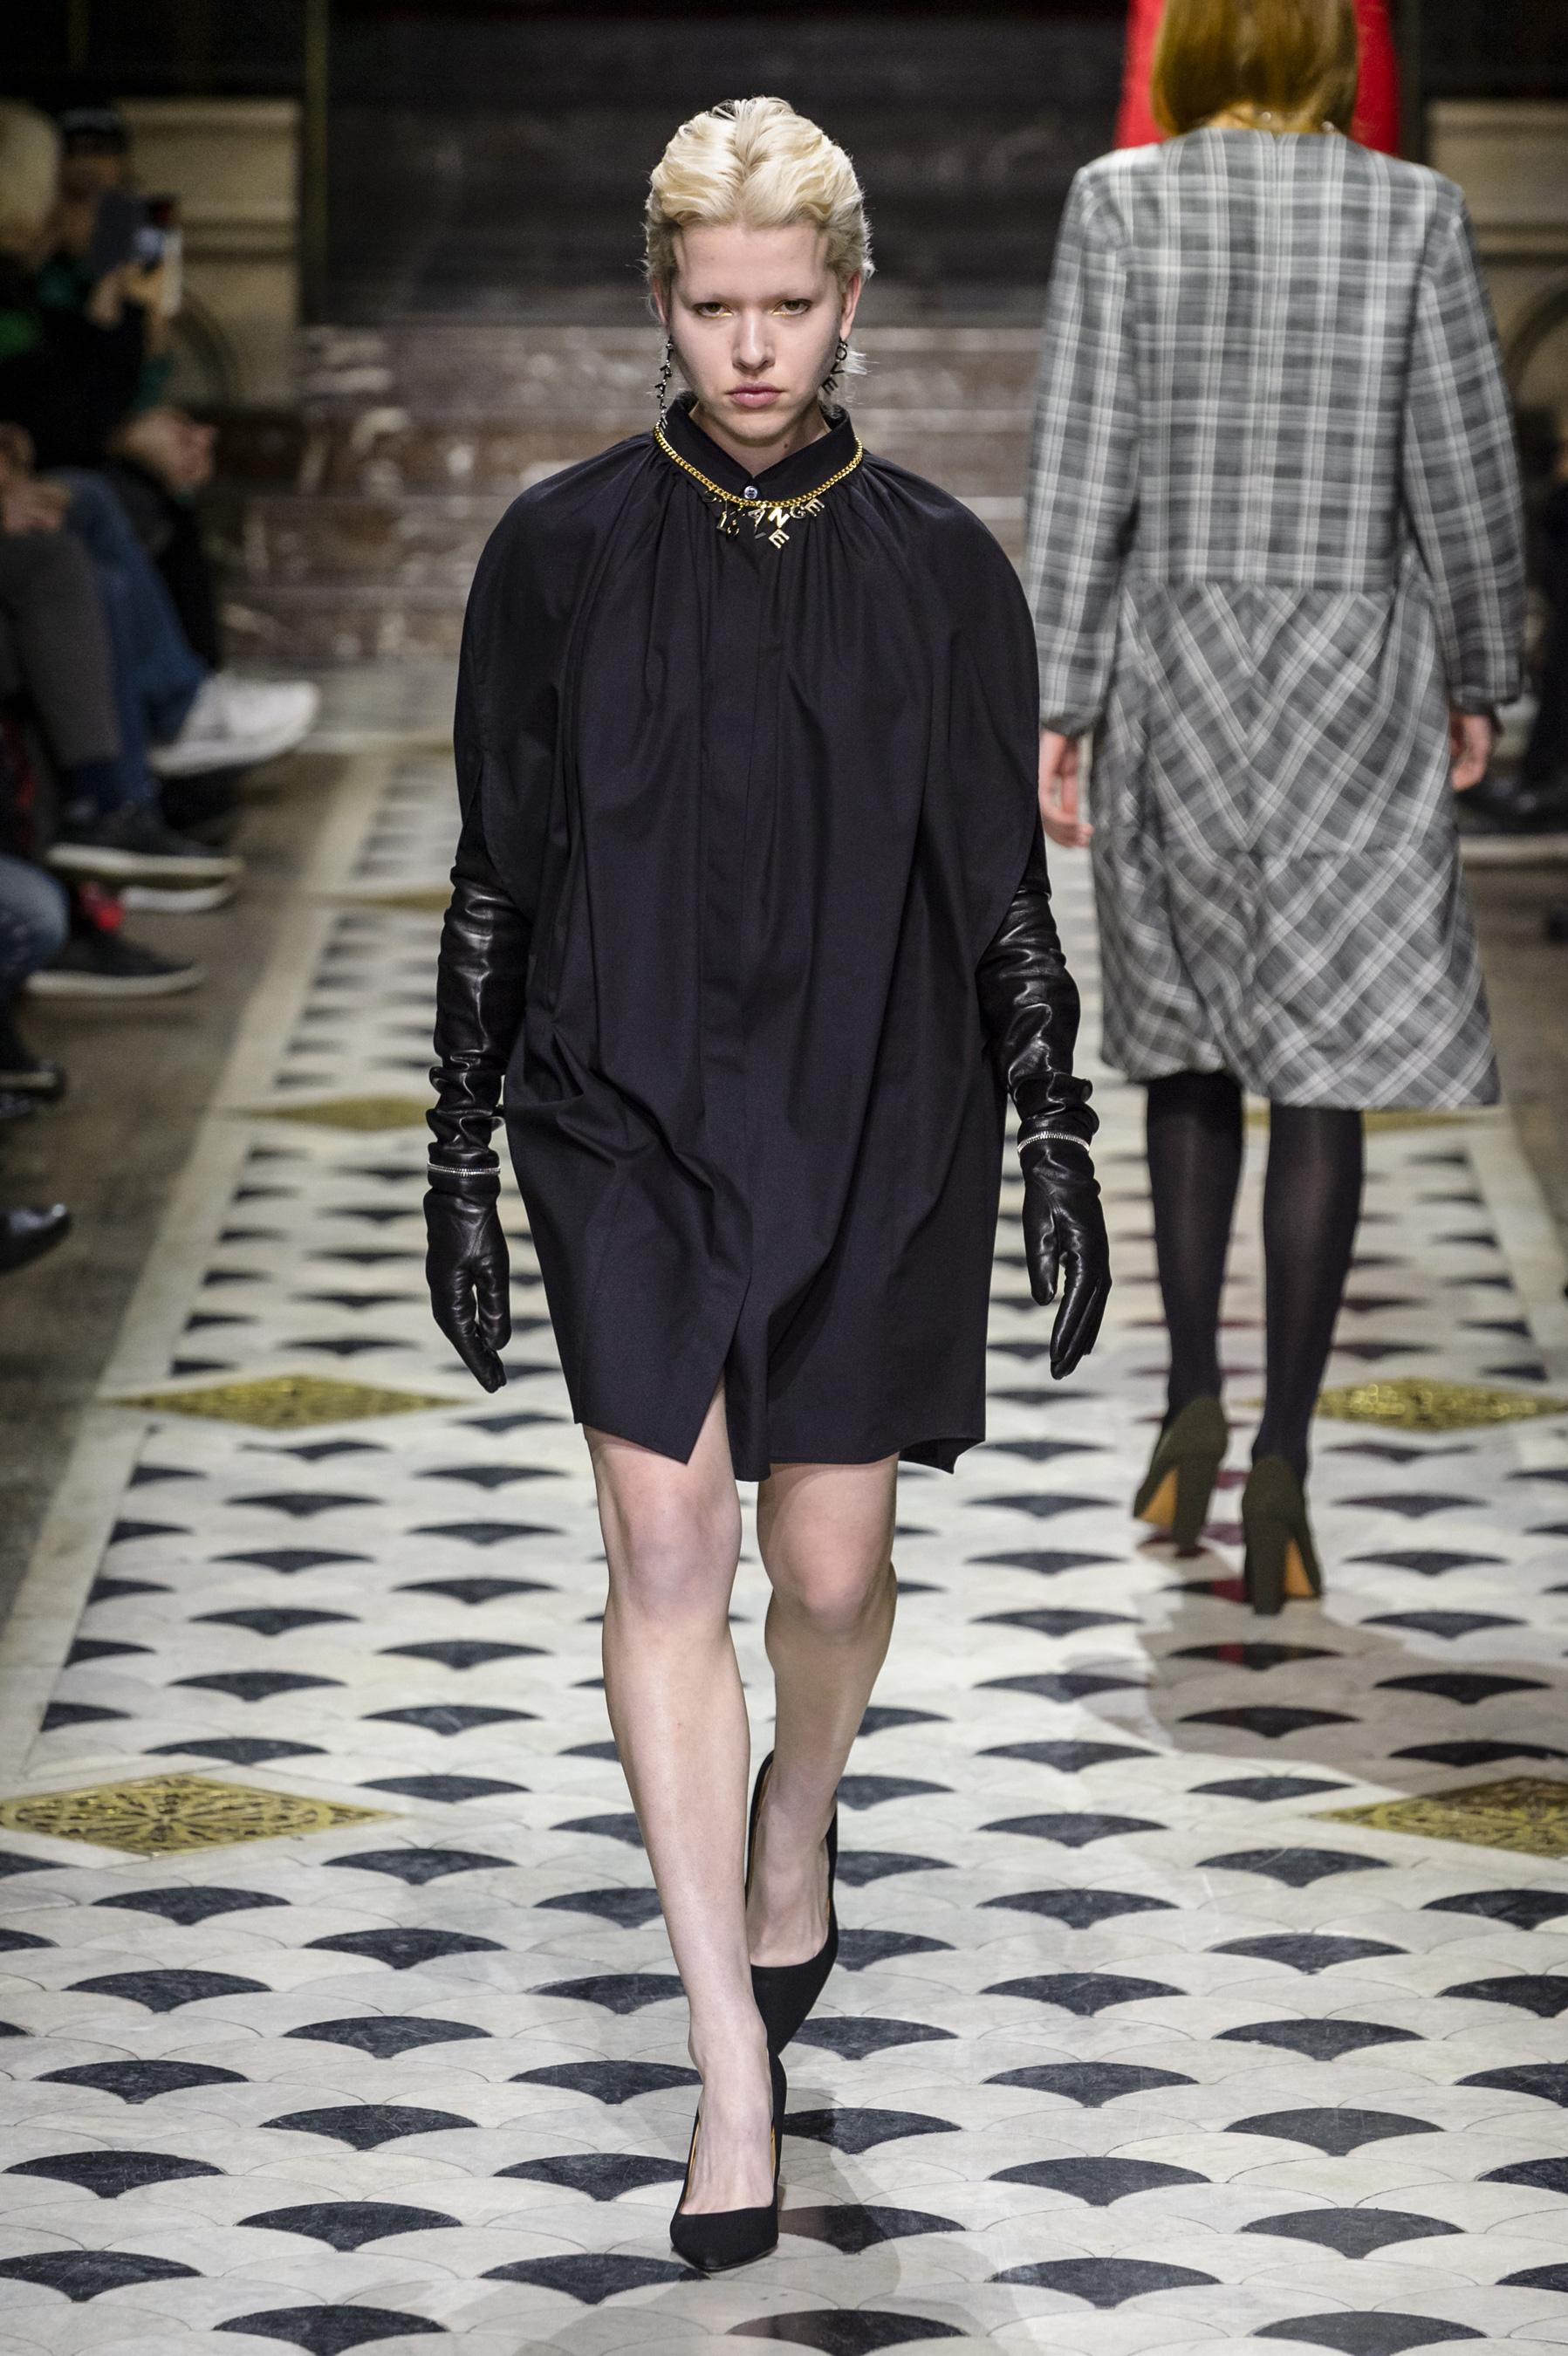 Dfil Lutz Huelle Automne Hiver 2018 2019 Prt Porter Madame Figaro Sonne Andrea Sf8002 Bark Premium Lady Comfort Casual Leather Sandal Paris Look 7